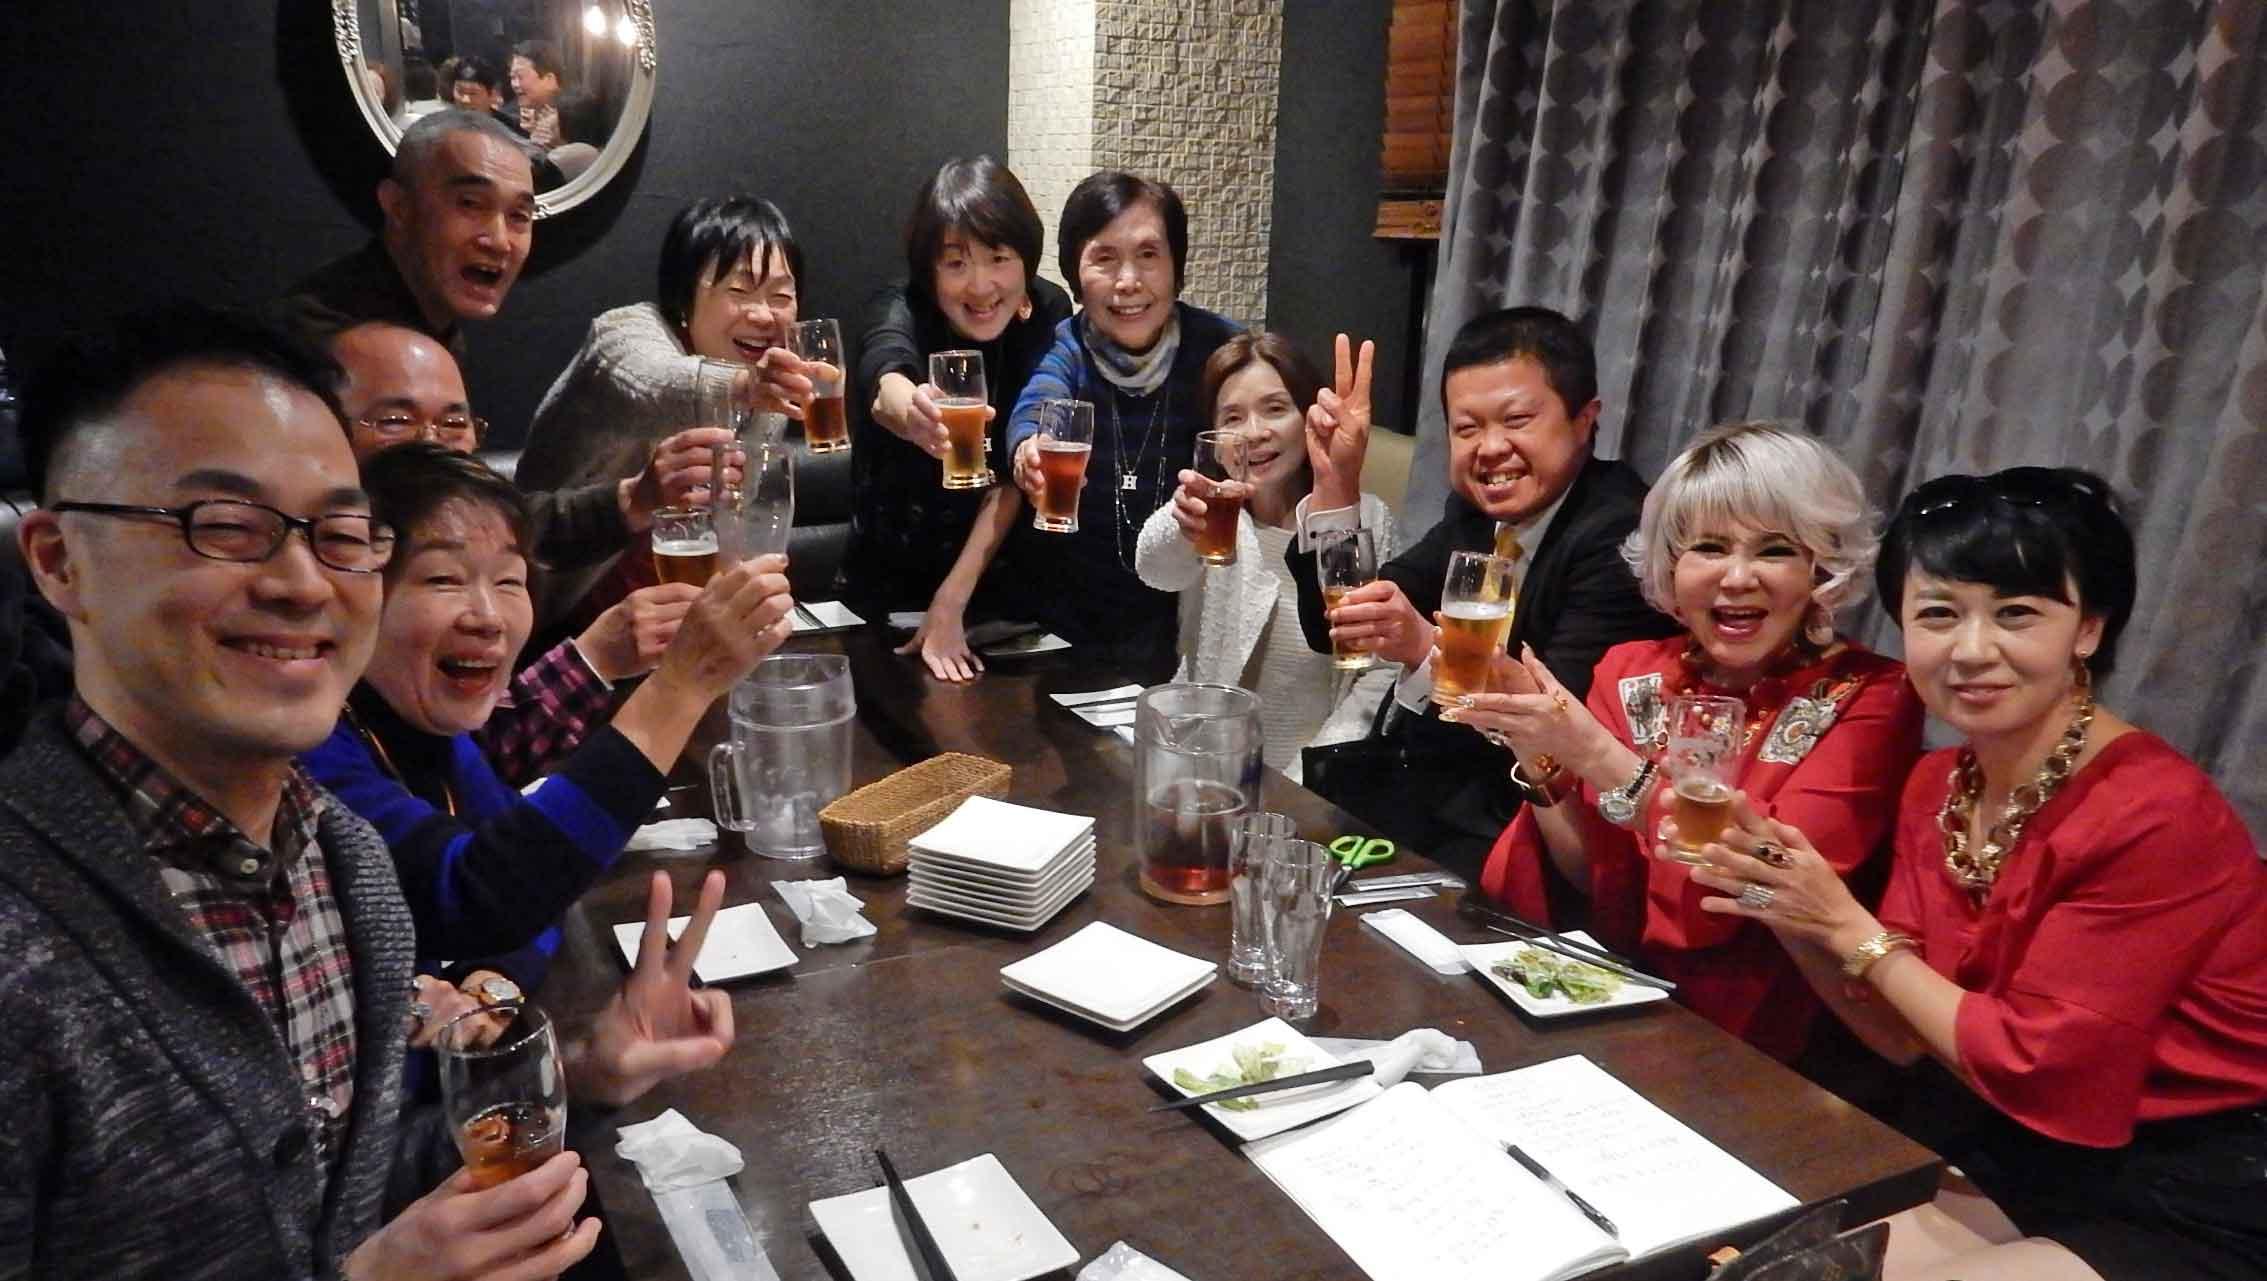 楽しいことはたくさん増やす♪(横浜講演会)